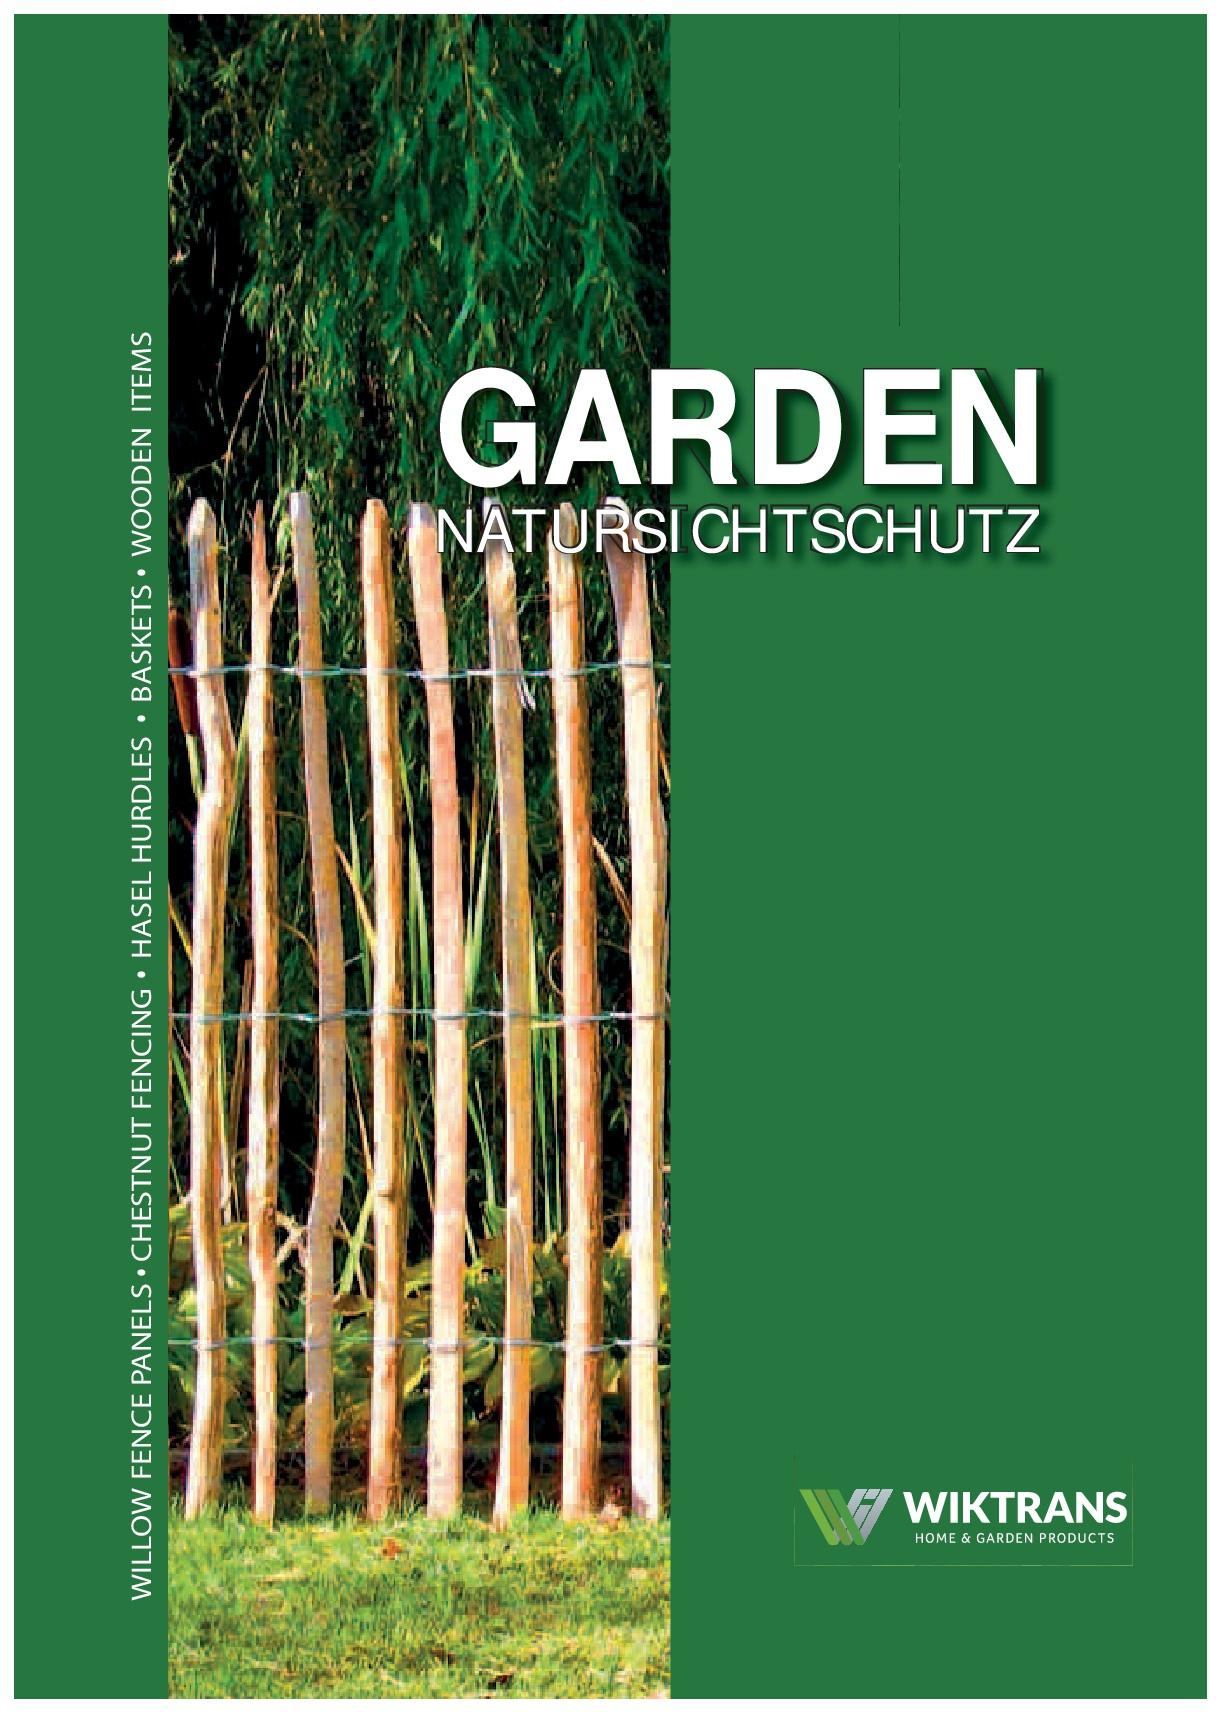 Garden-001